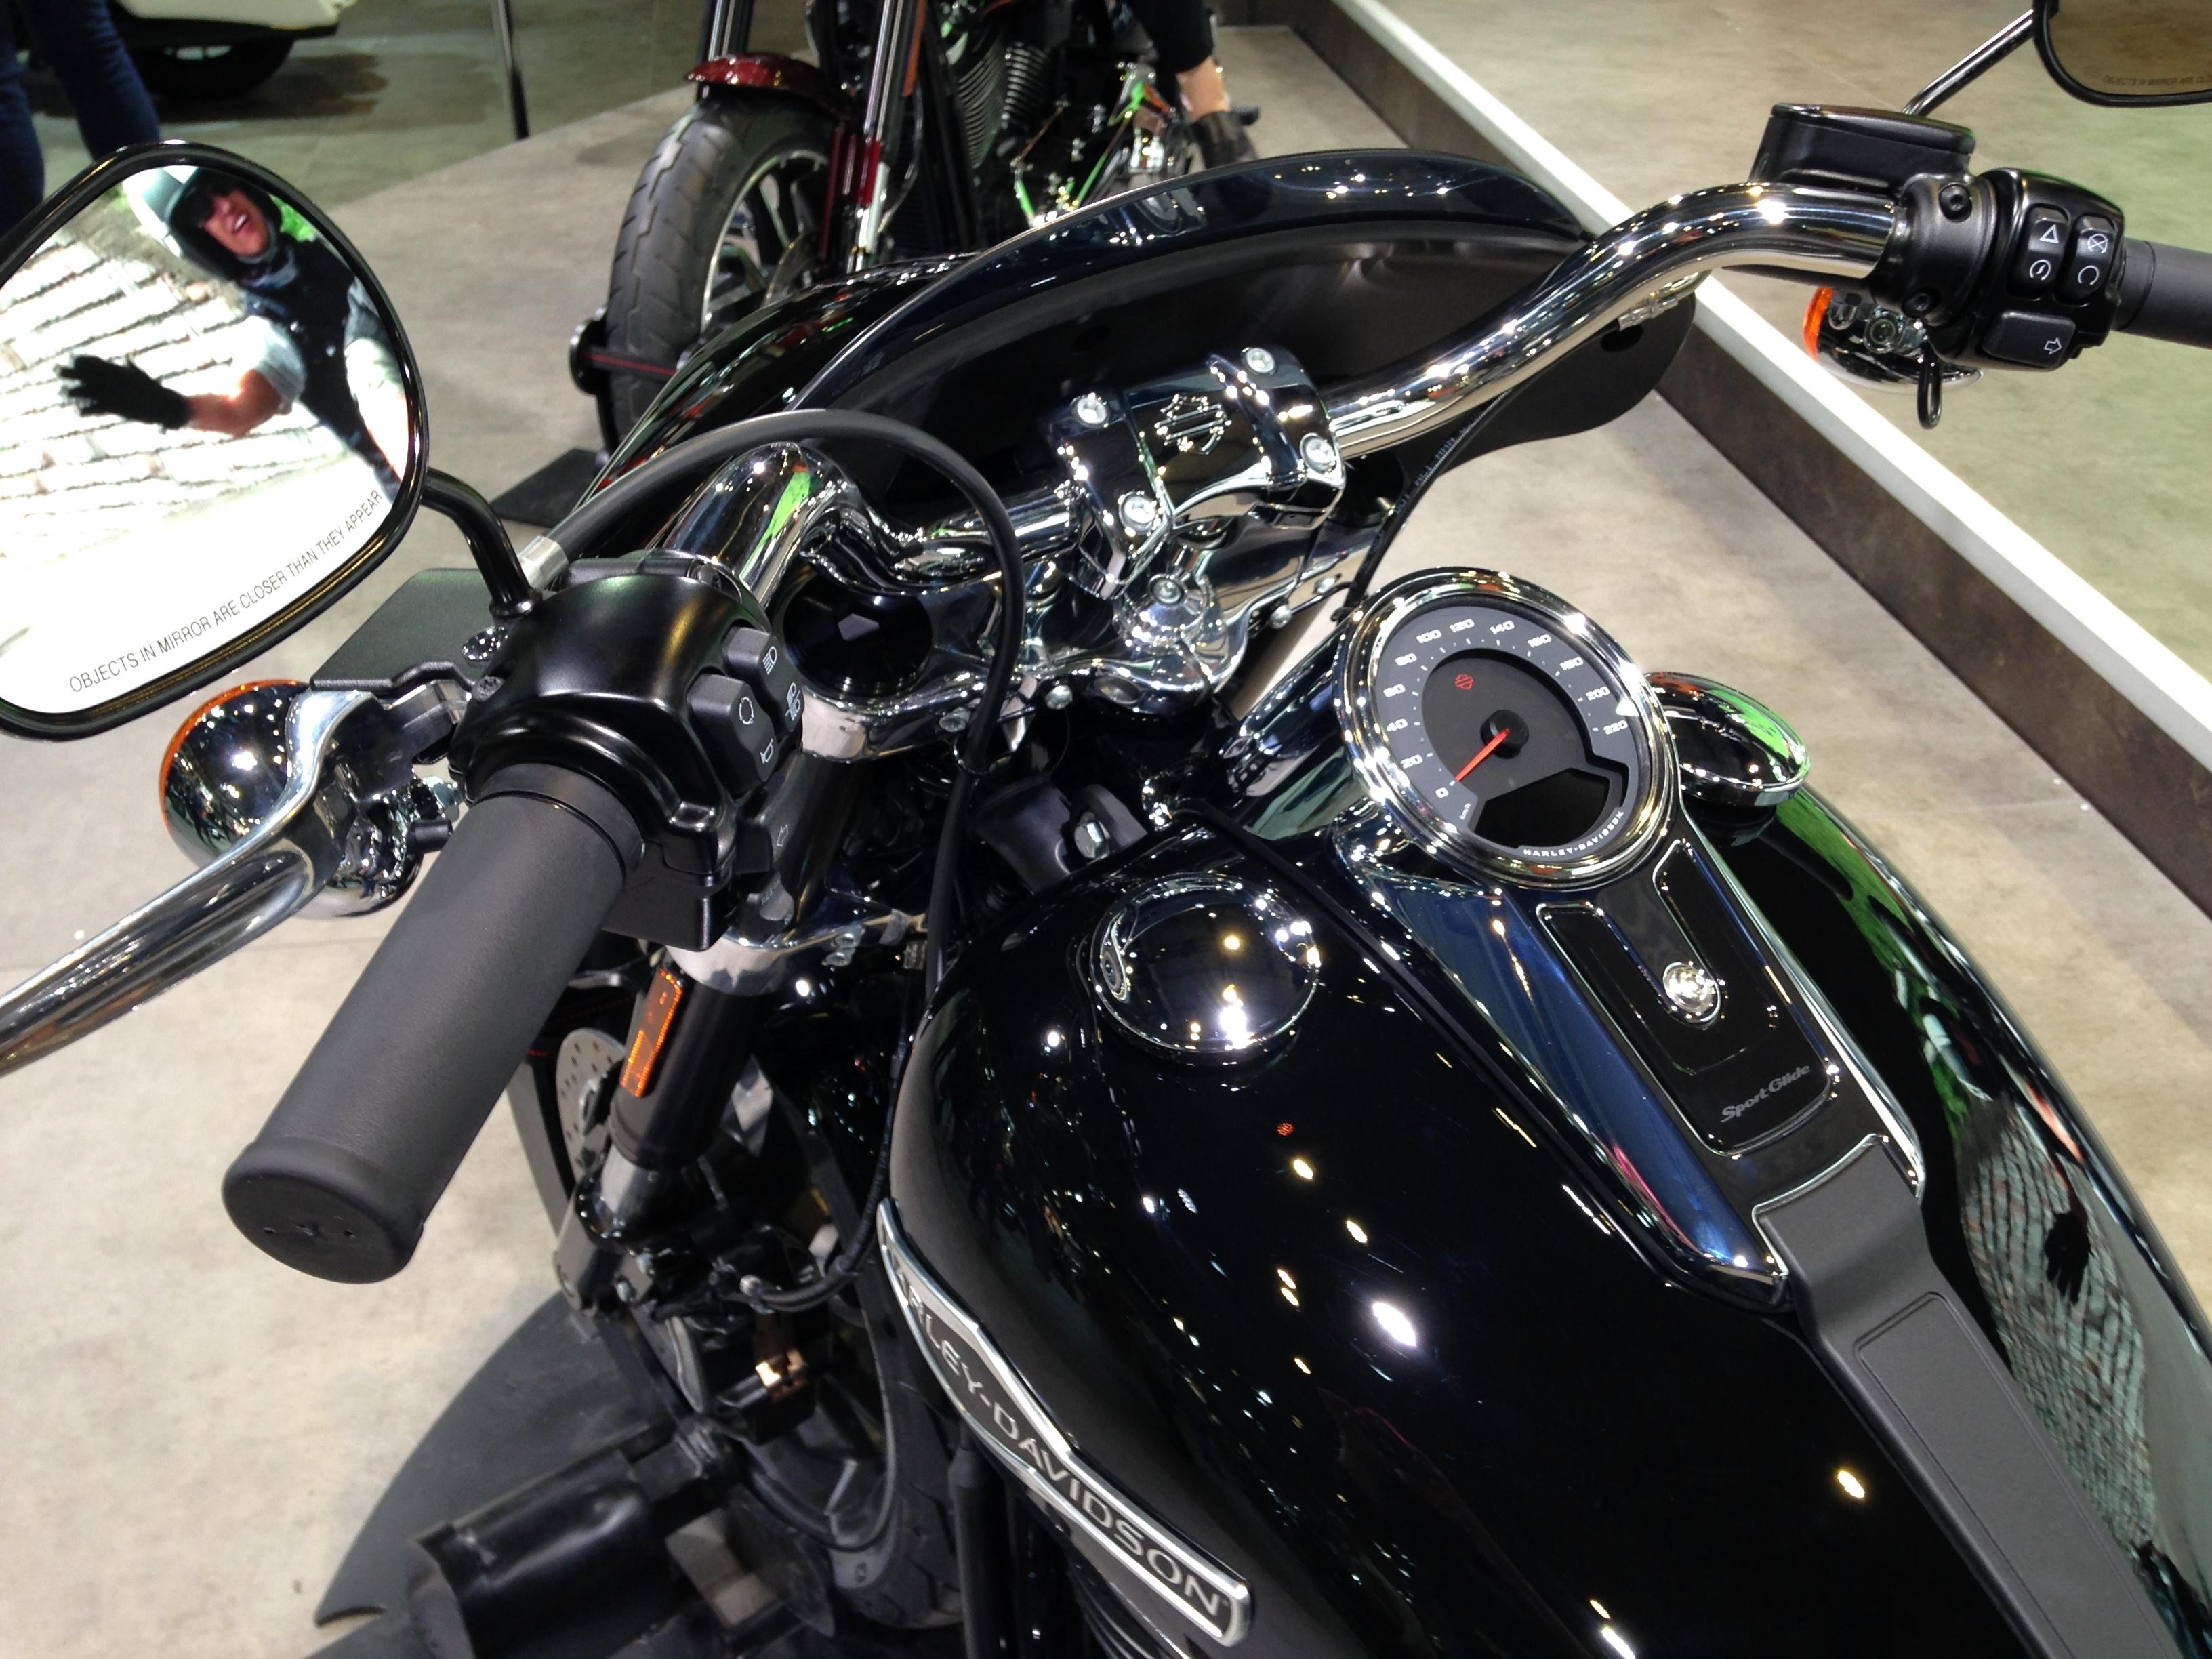 Connu de Milan 2017 en direct : Harley Davidson Sport Glide PI51